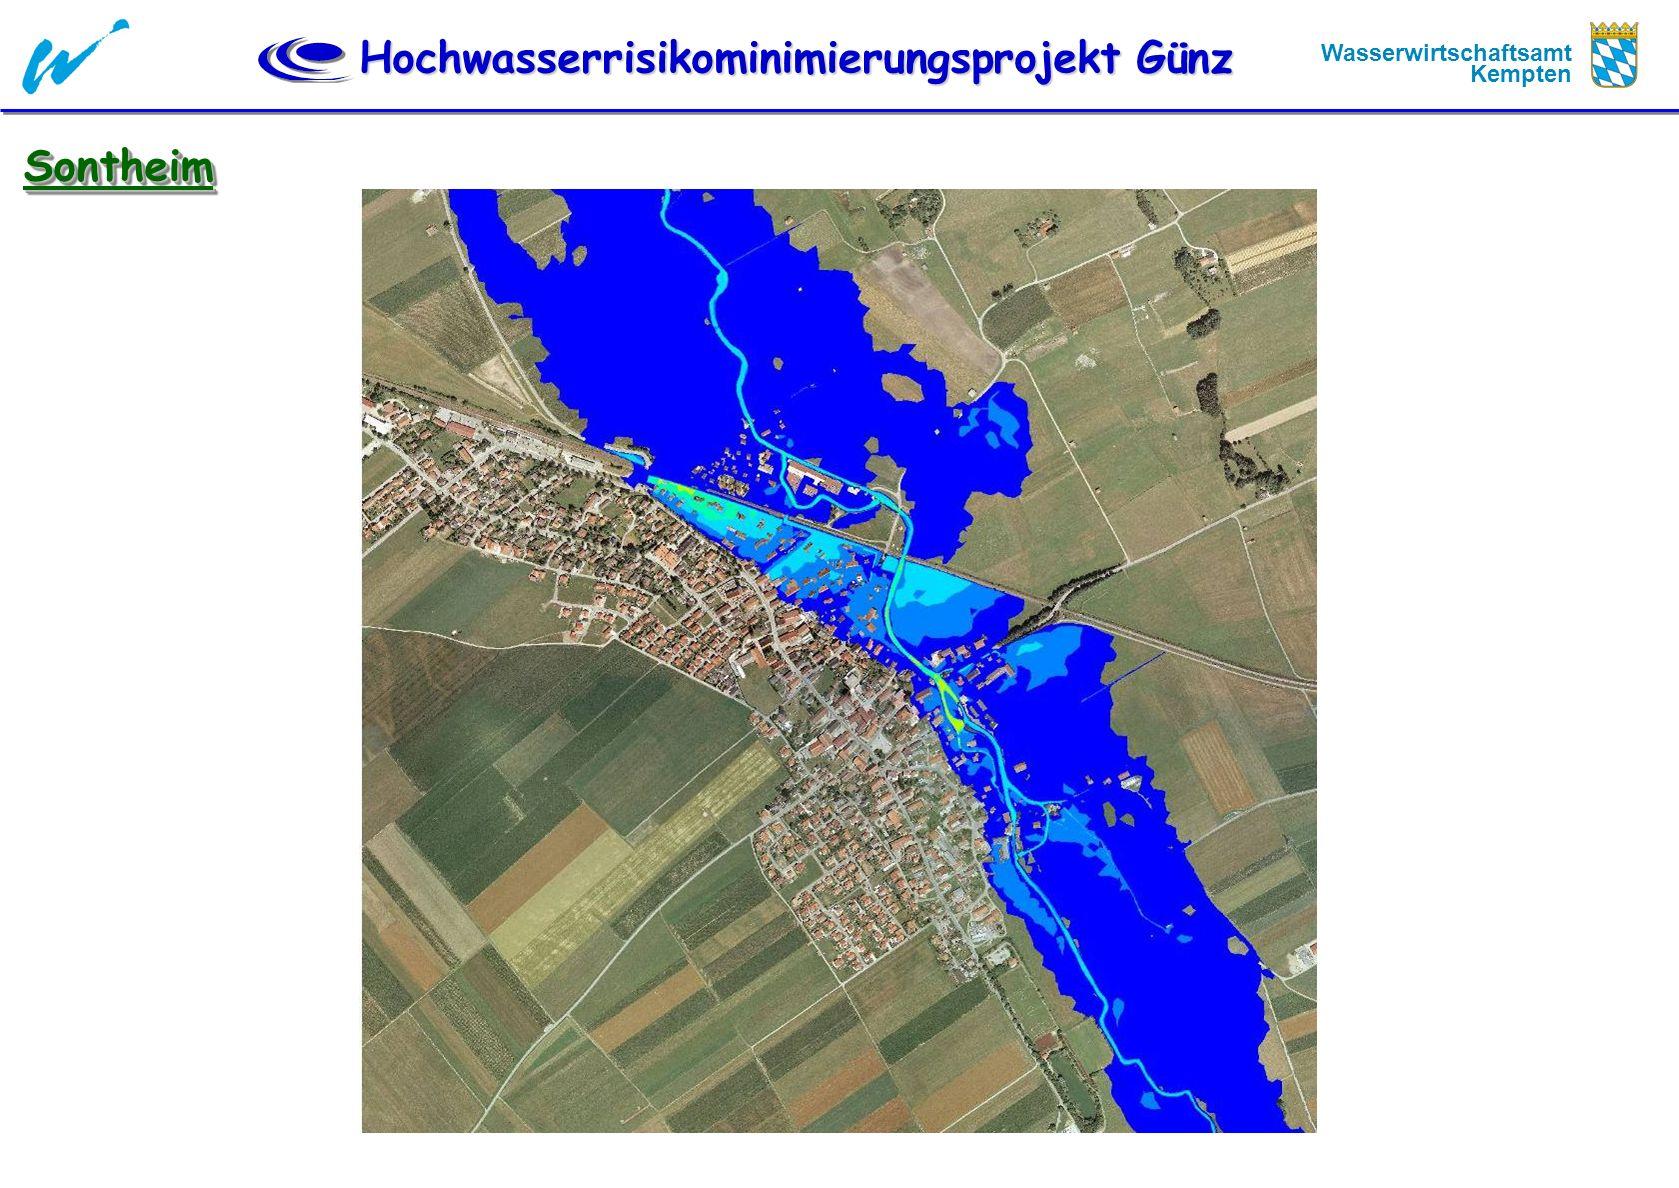 Hochwasserrisikominimierungsprojekt Günz Wasserwirtschaftsamt Kempten SontheimSontheim